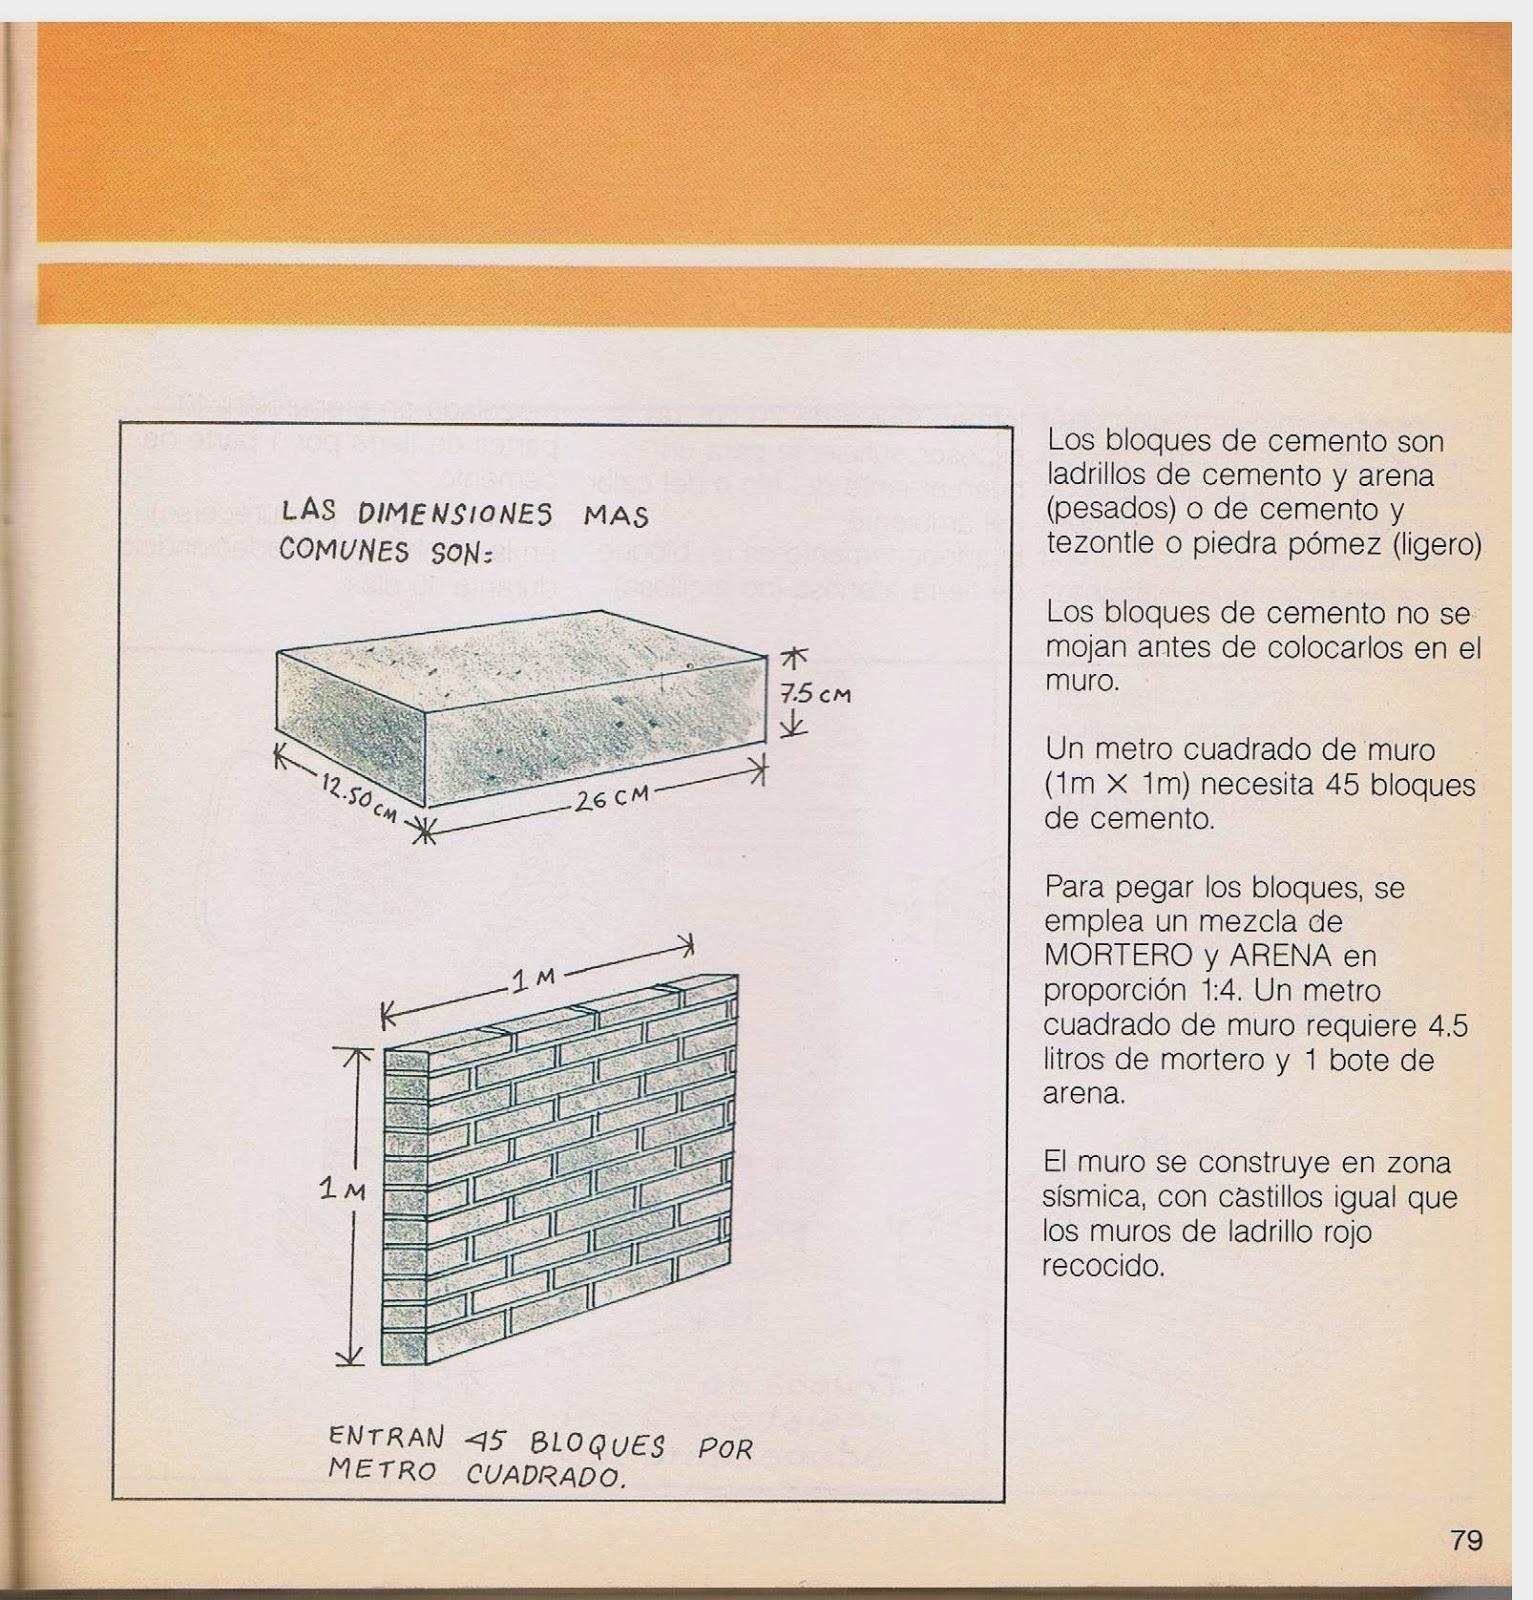 Oasys libros manual de autoconstrucci n y mejoramiento de - Tipos de muros ...